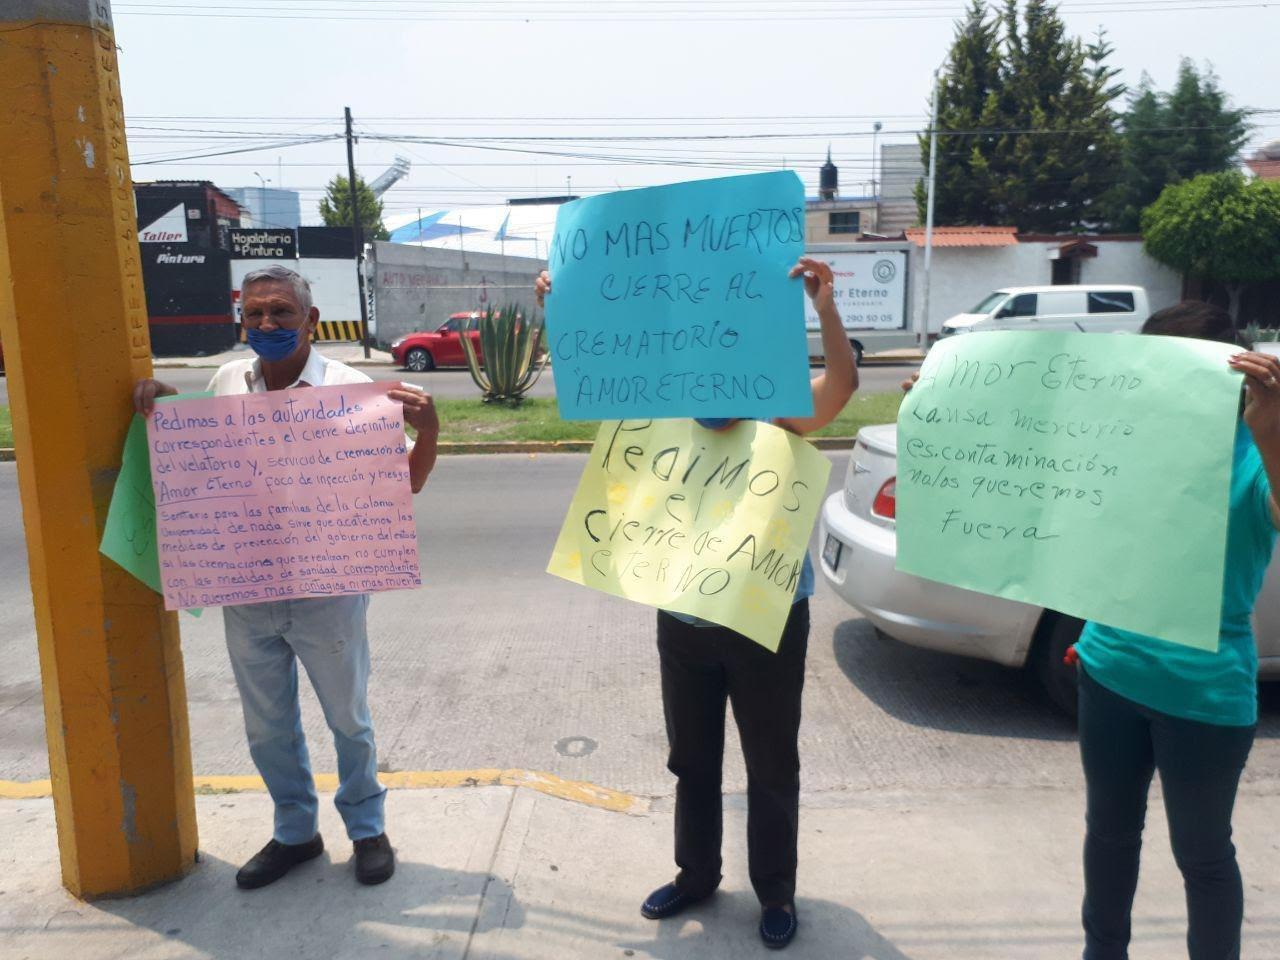 Tres funerarias cremaron cuerpos en Puebla sin tener permisos